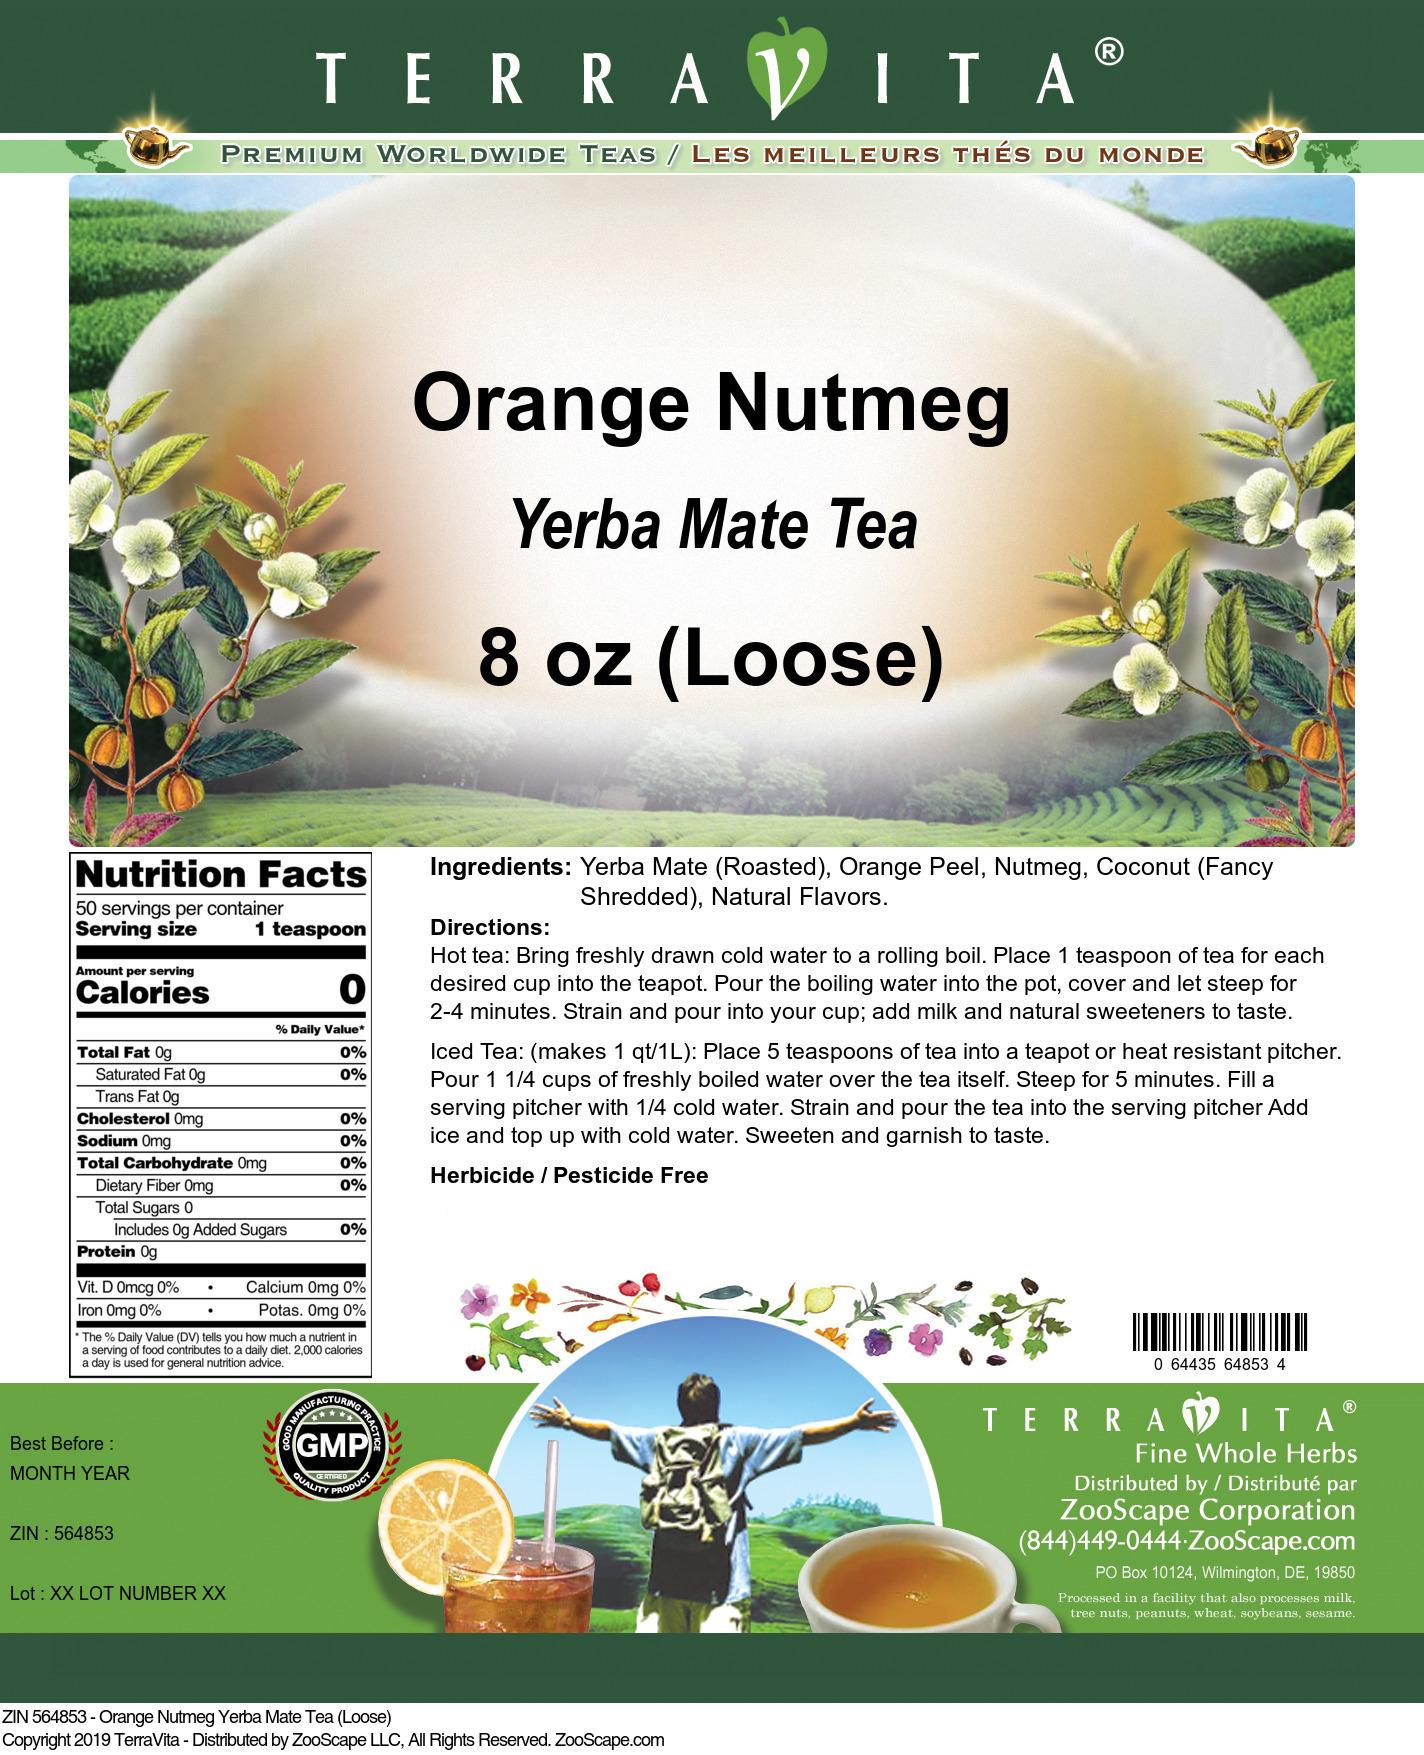 Orange Nutmeg Yerba Mate Tea (Loose)